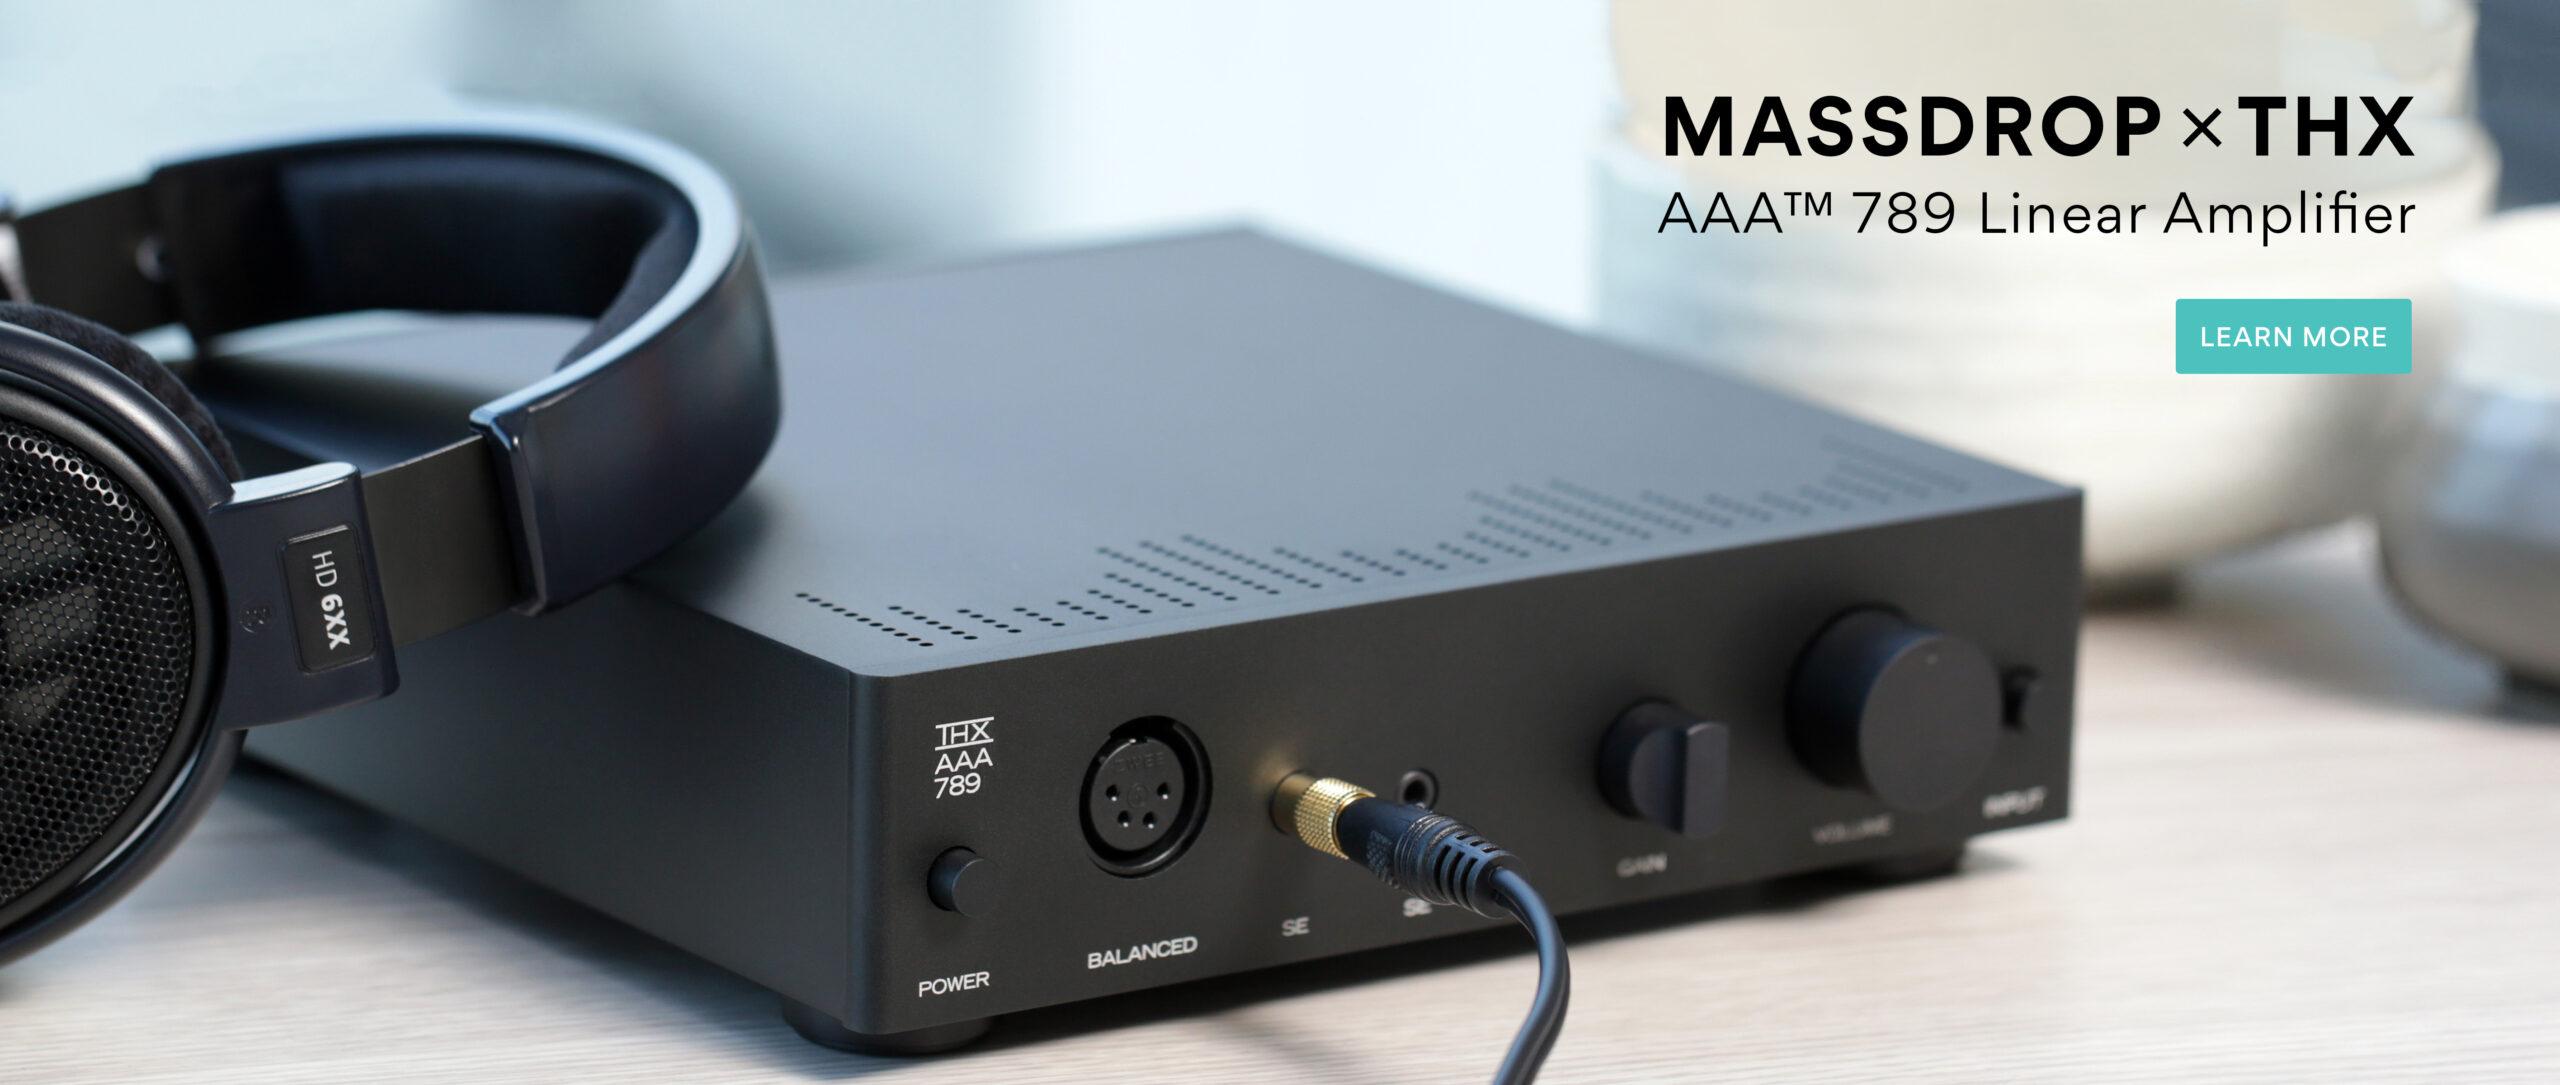 Massdrop x THX AAA Linear Amplifier